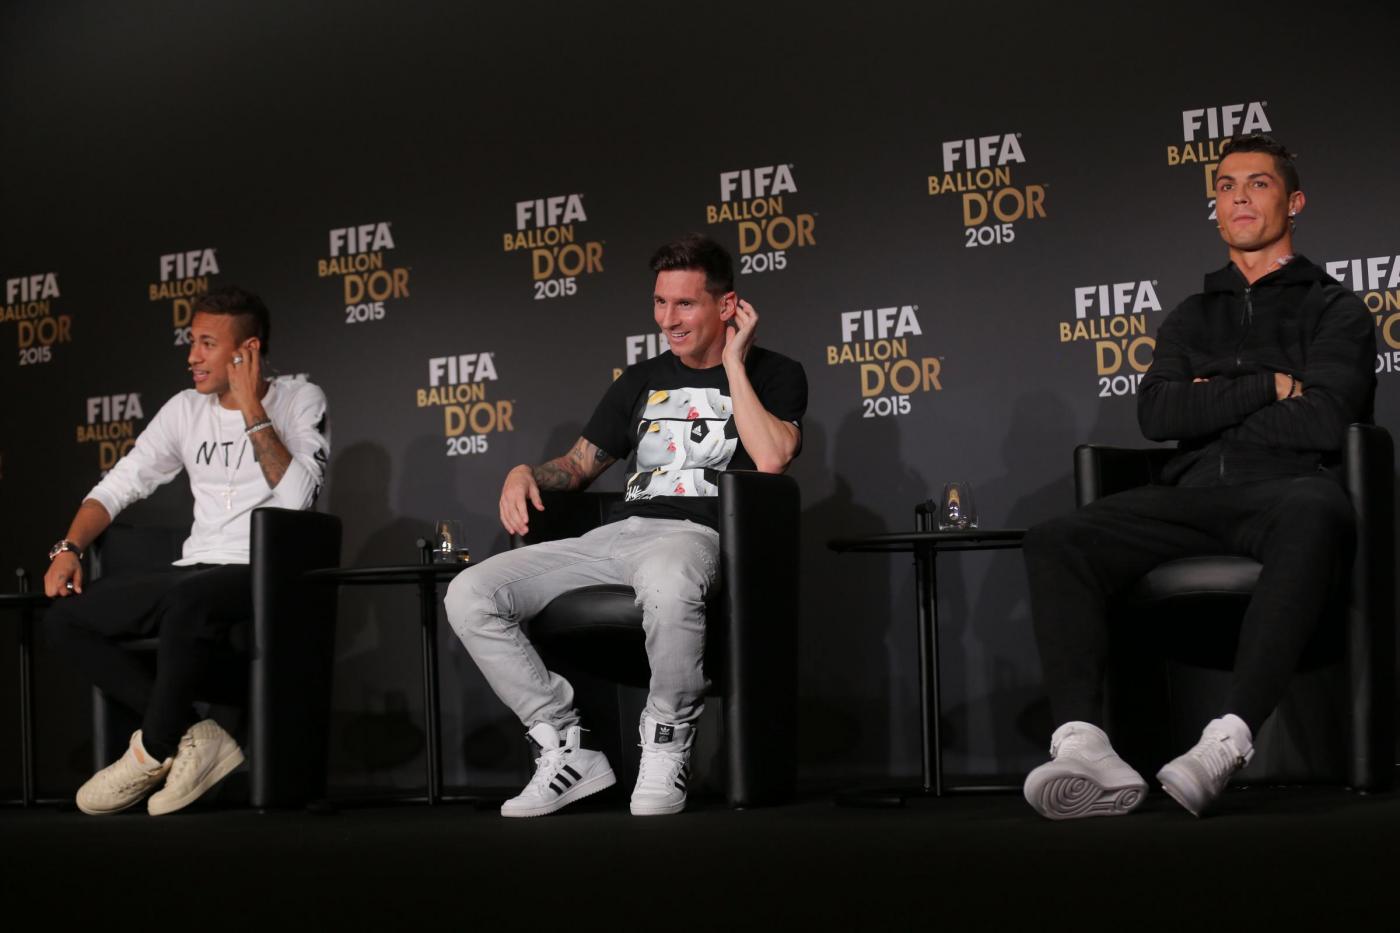 FIFA 17: Ronaldo è più forte di Messi